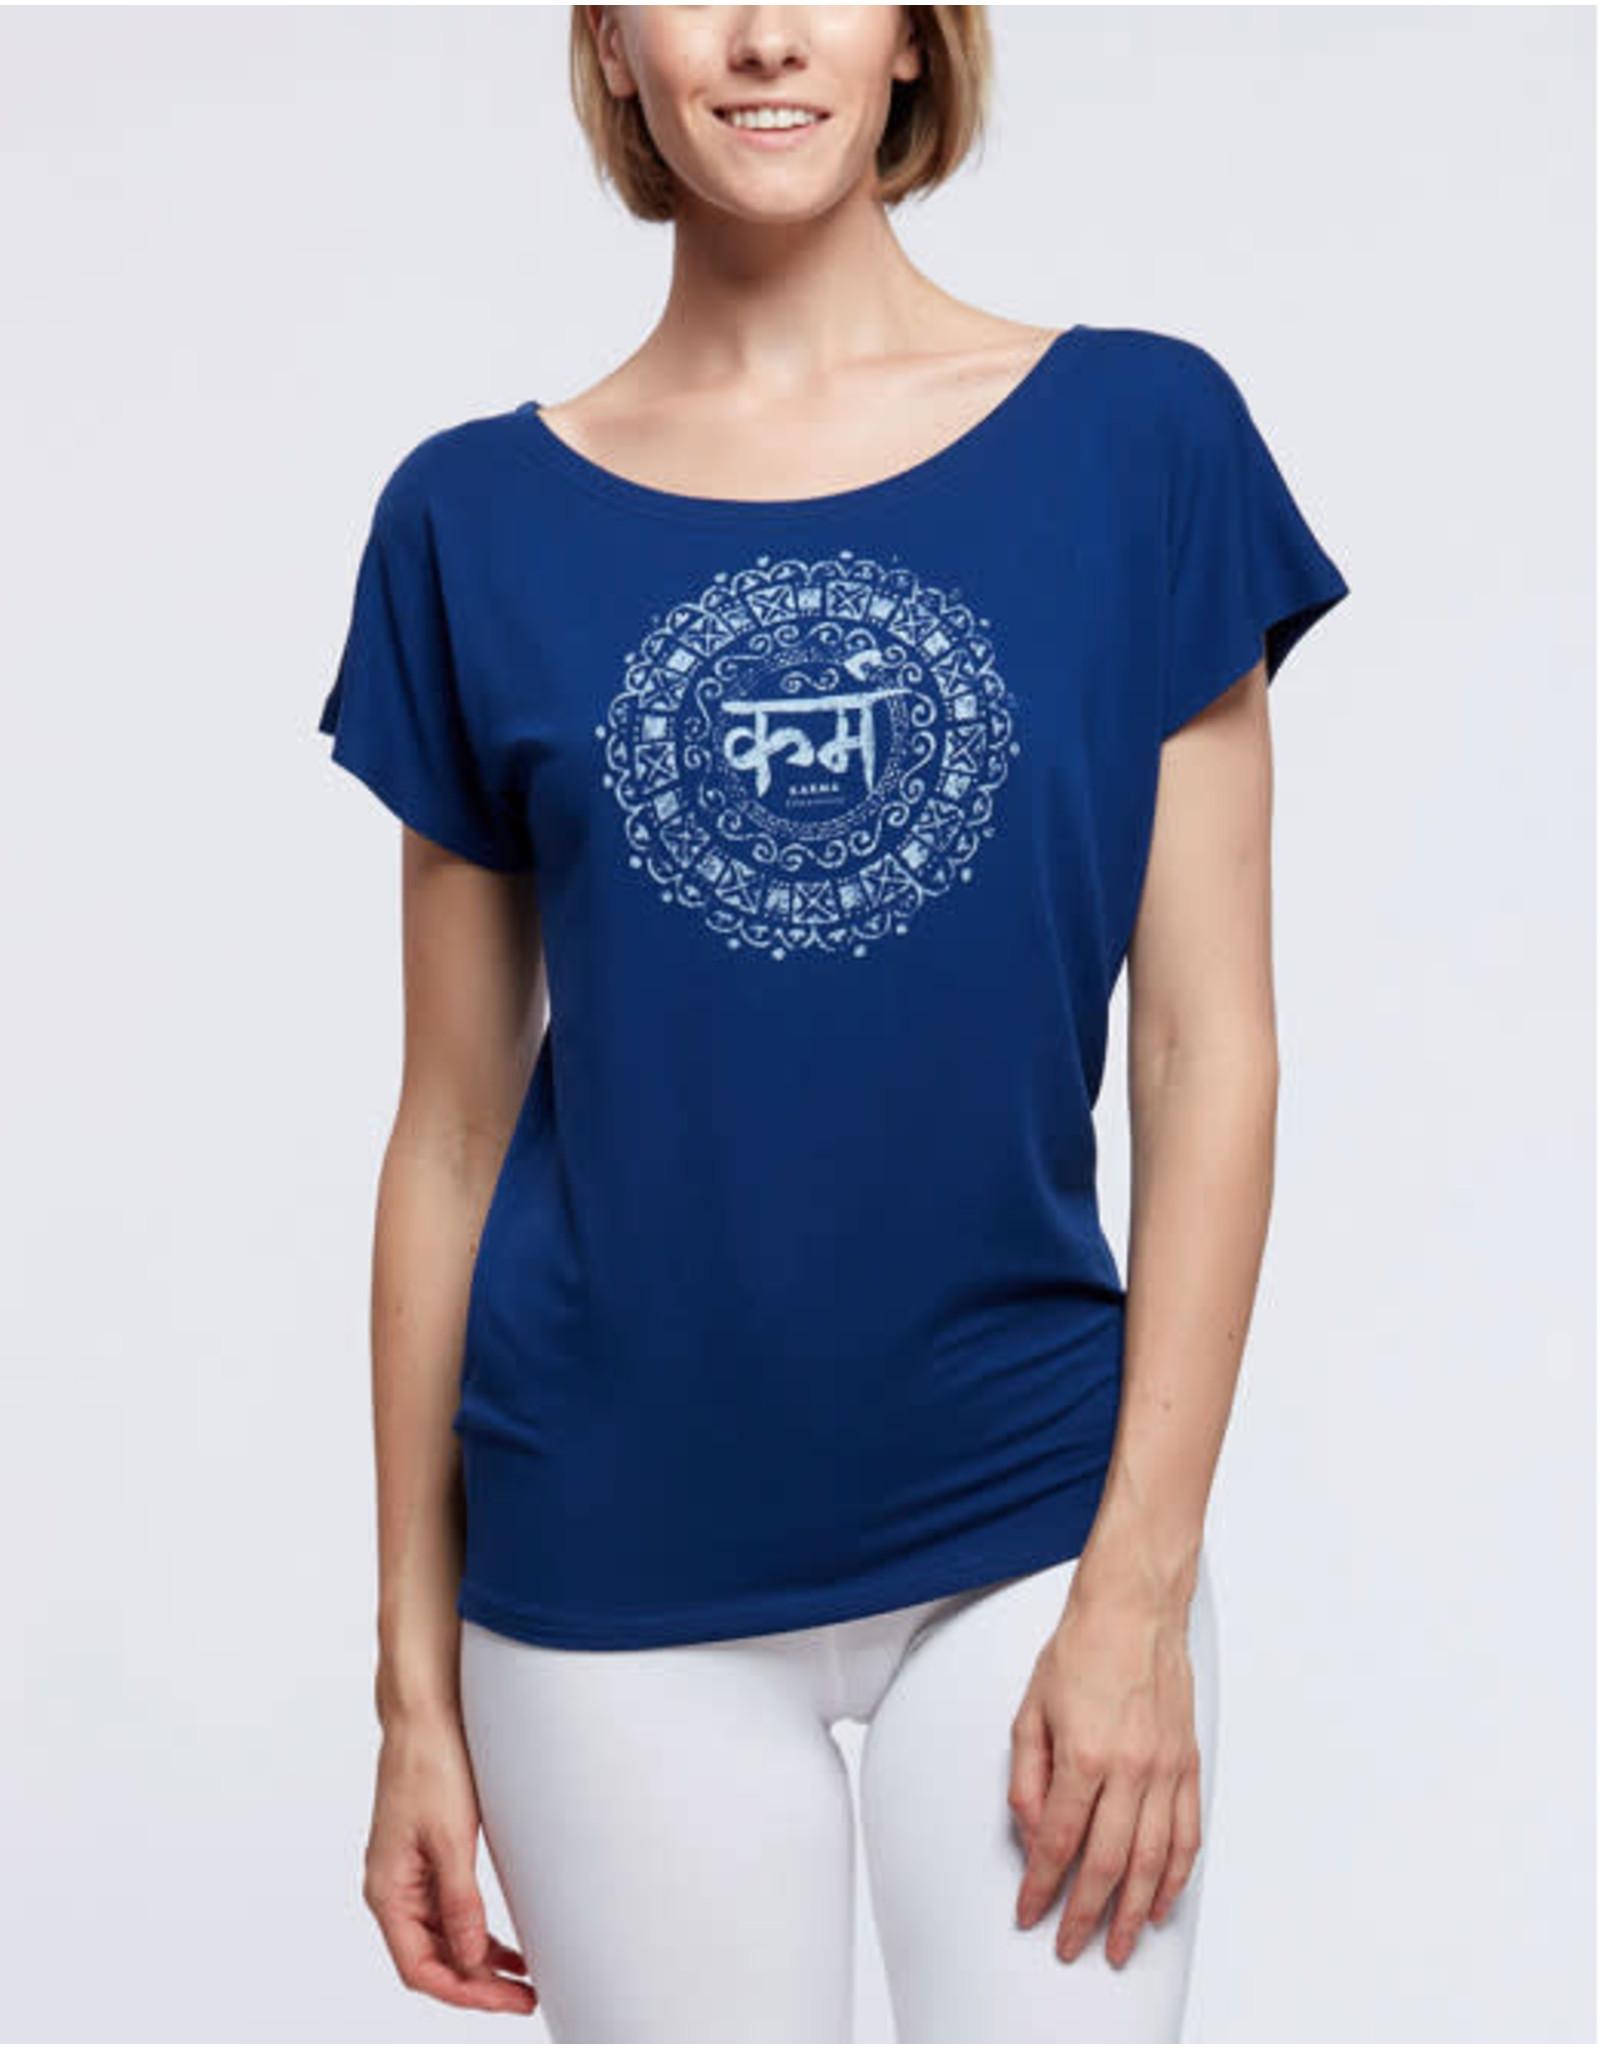 Temps Danse AVA Sanskrit Yoga Tshirt